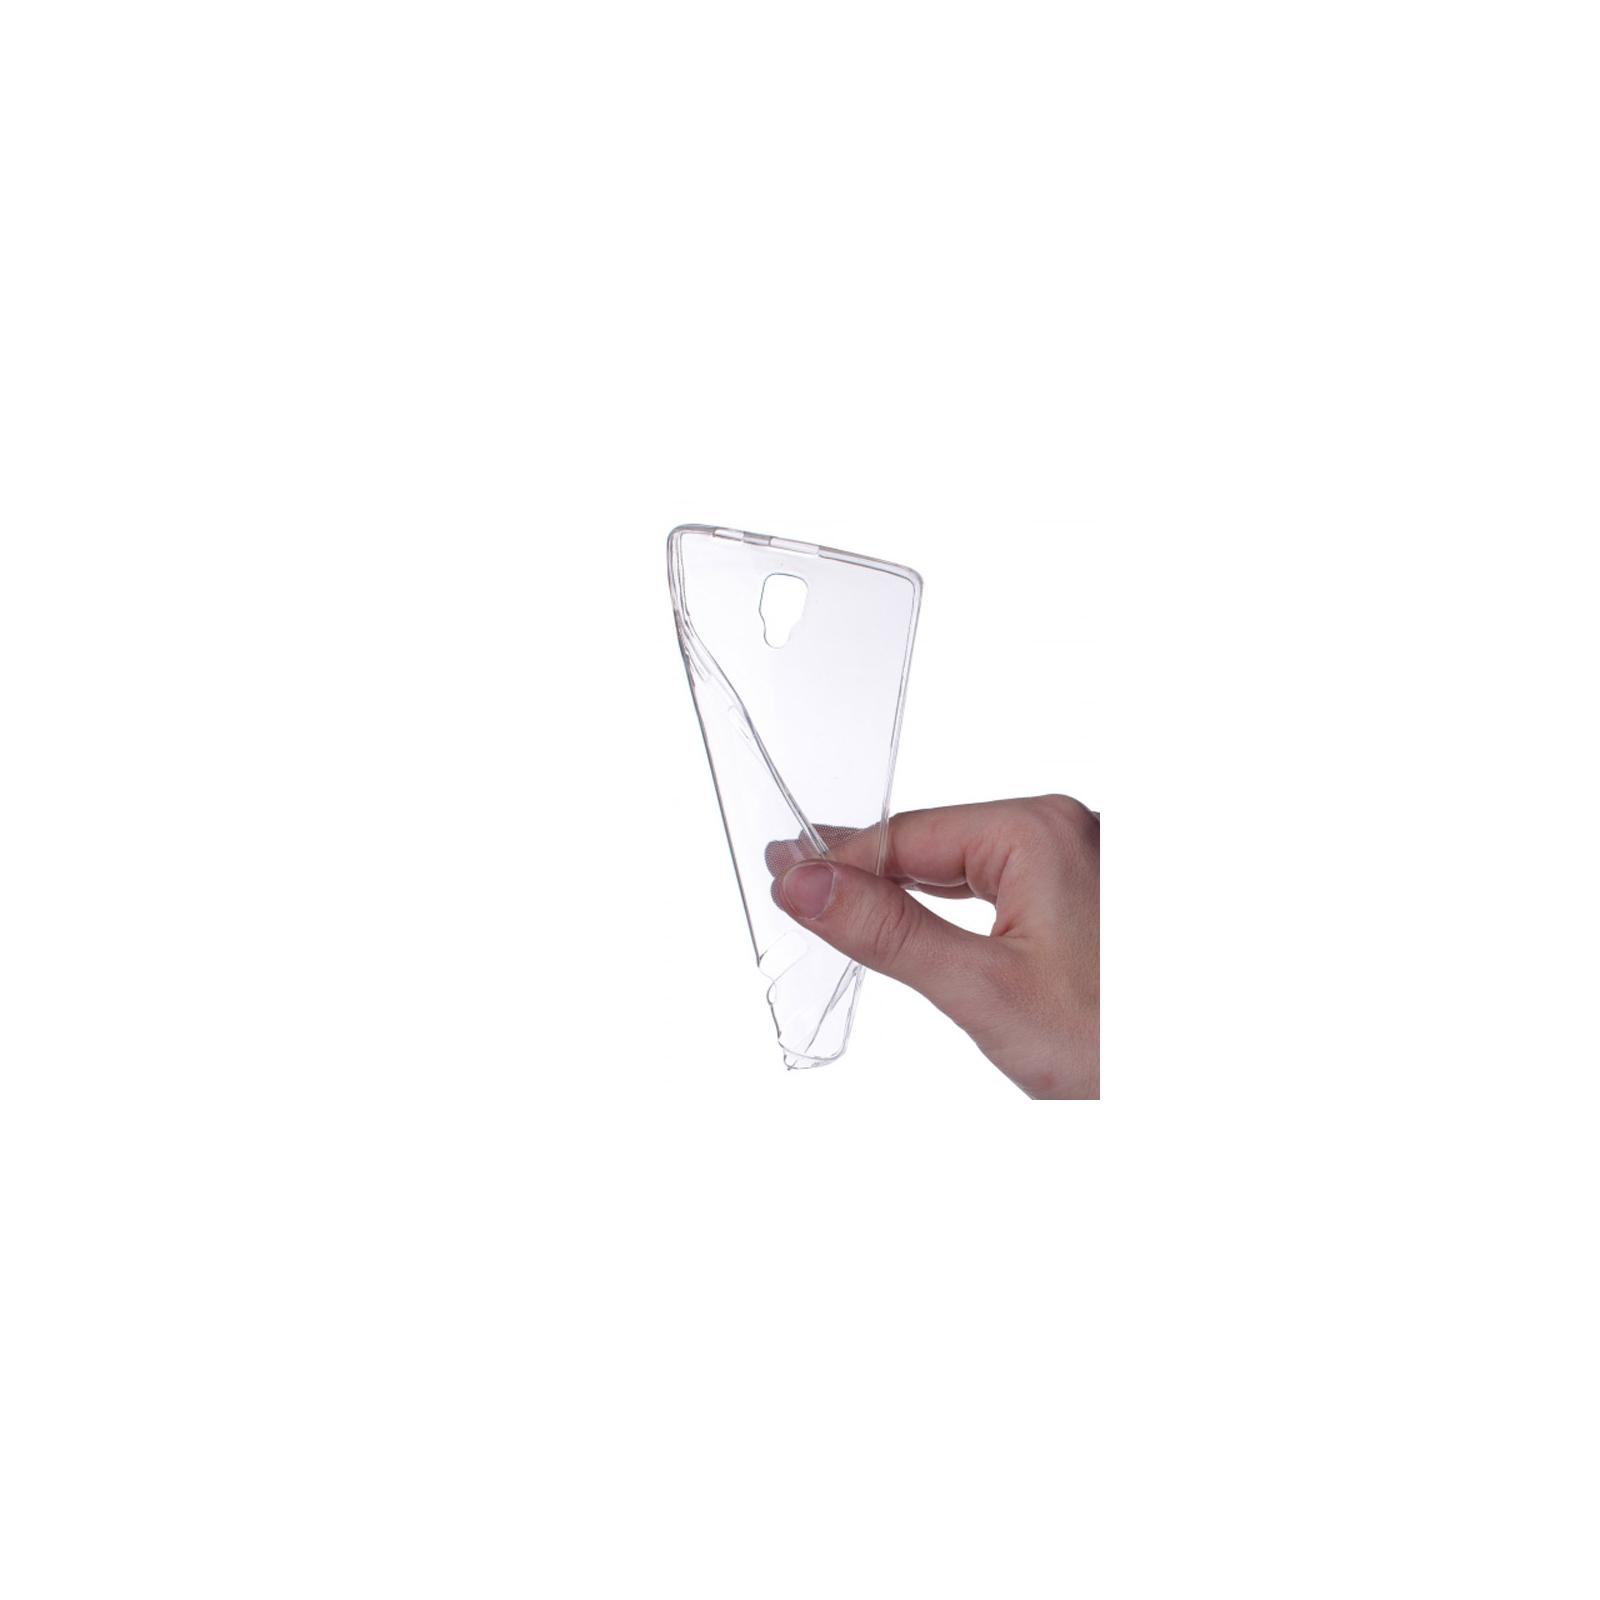 Чехол для моб. телефона Drobak для Lenovo A2010 (Clear) (219207) изображение 3